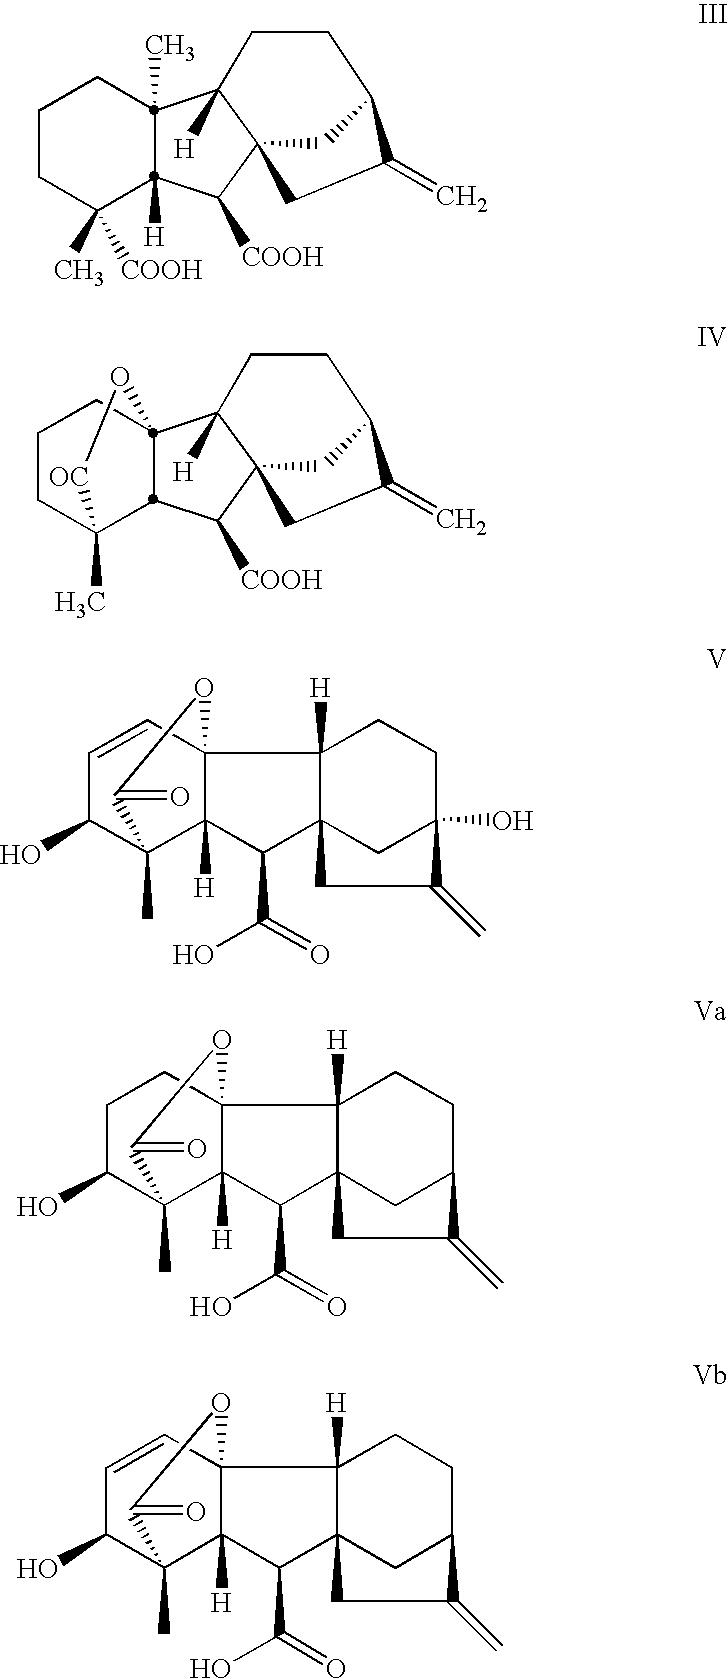 Figure US20040116511A1-20040617-C00014